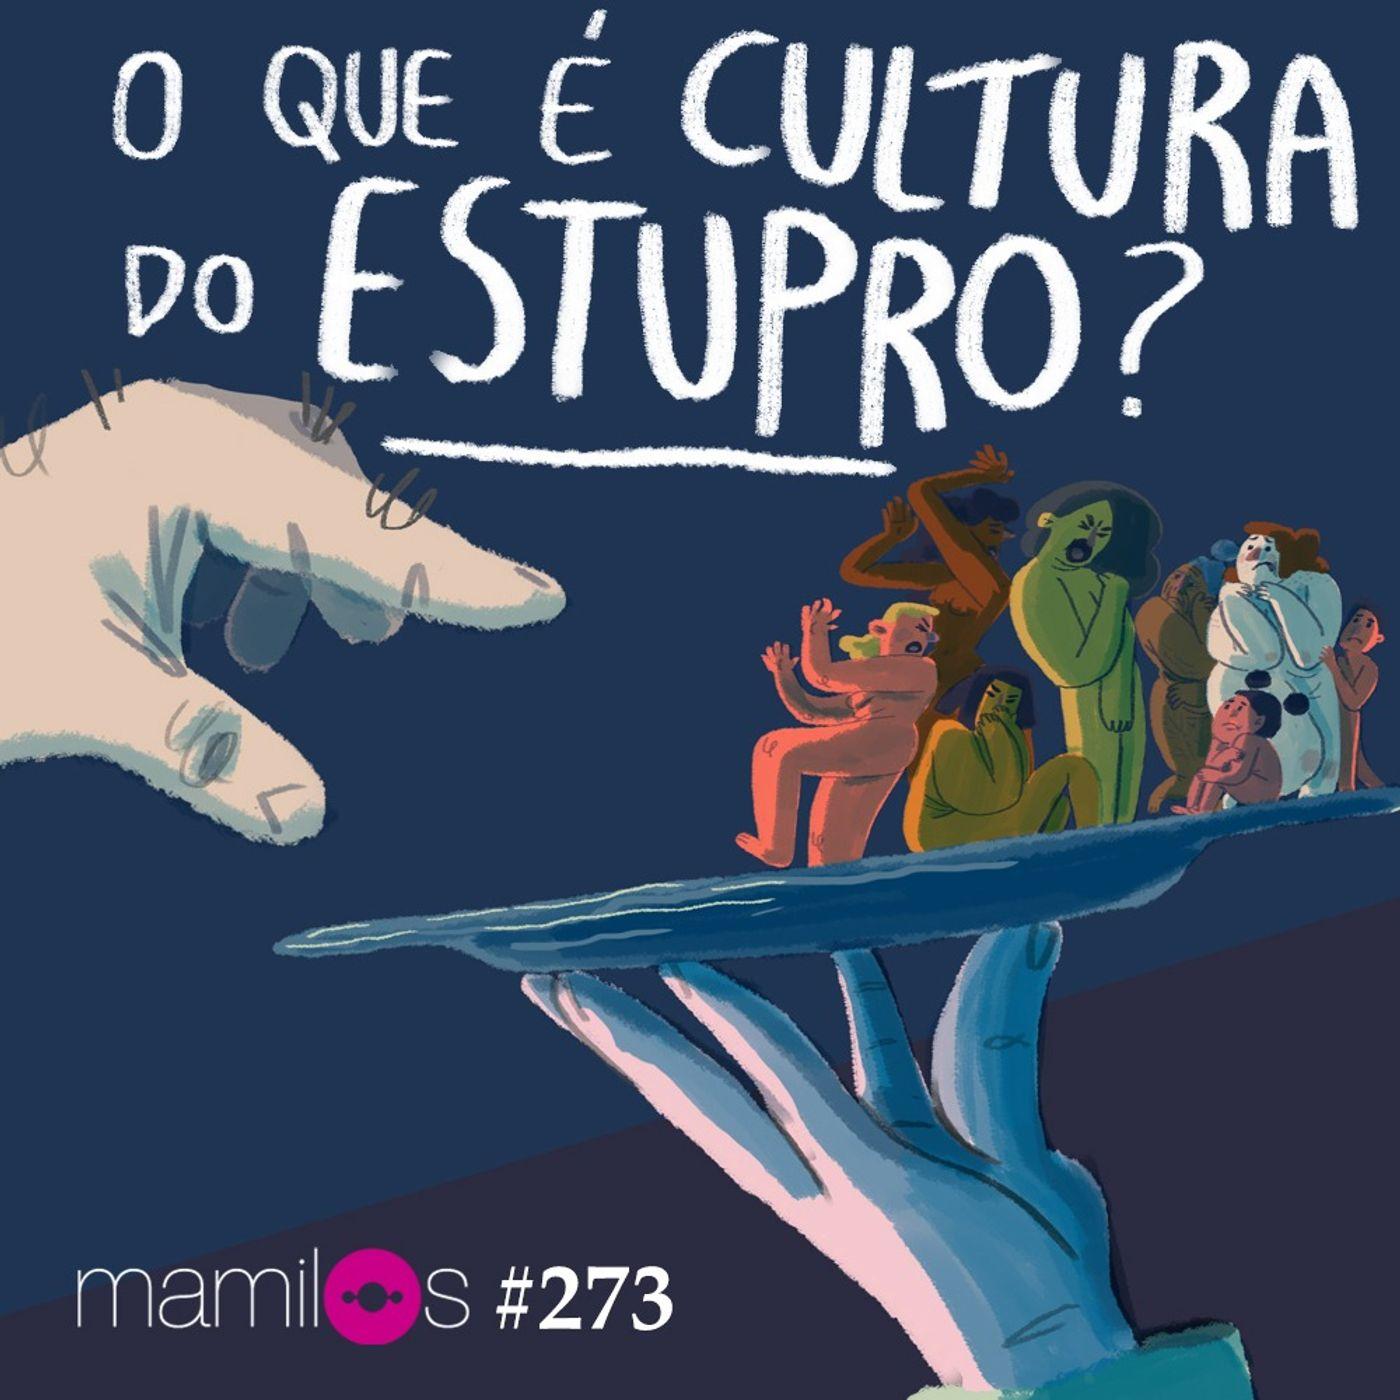 O que é cultura do estupro?